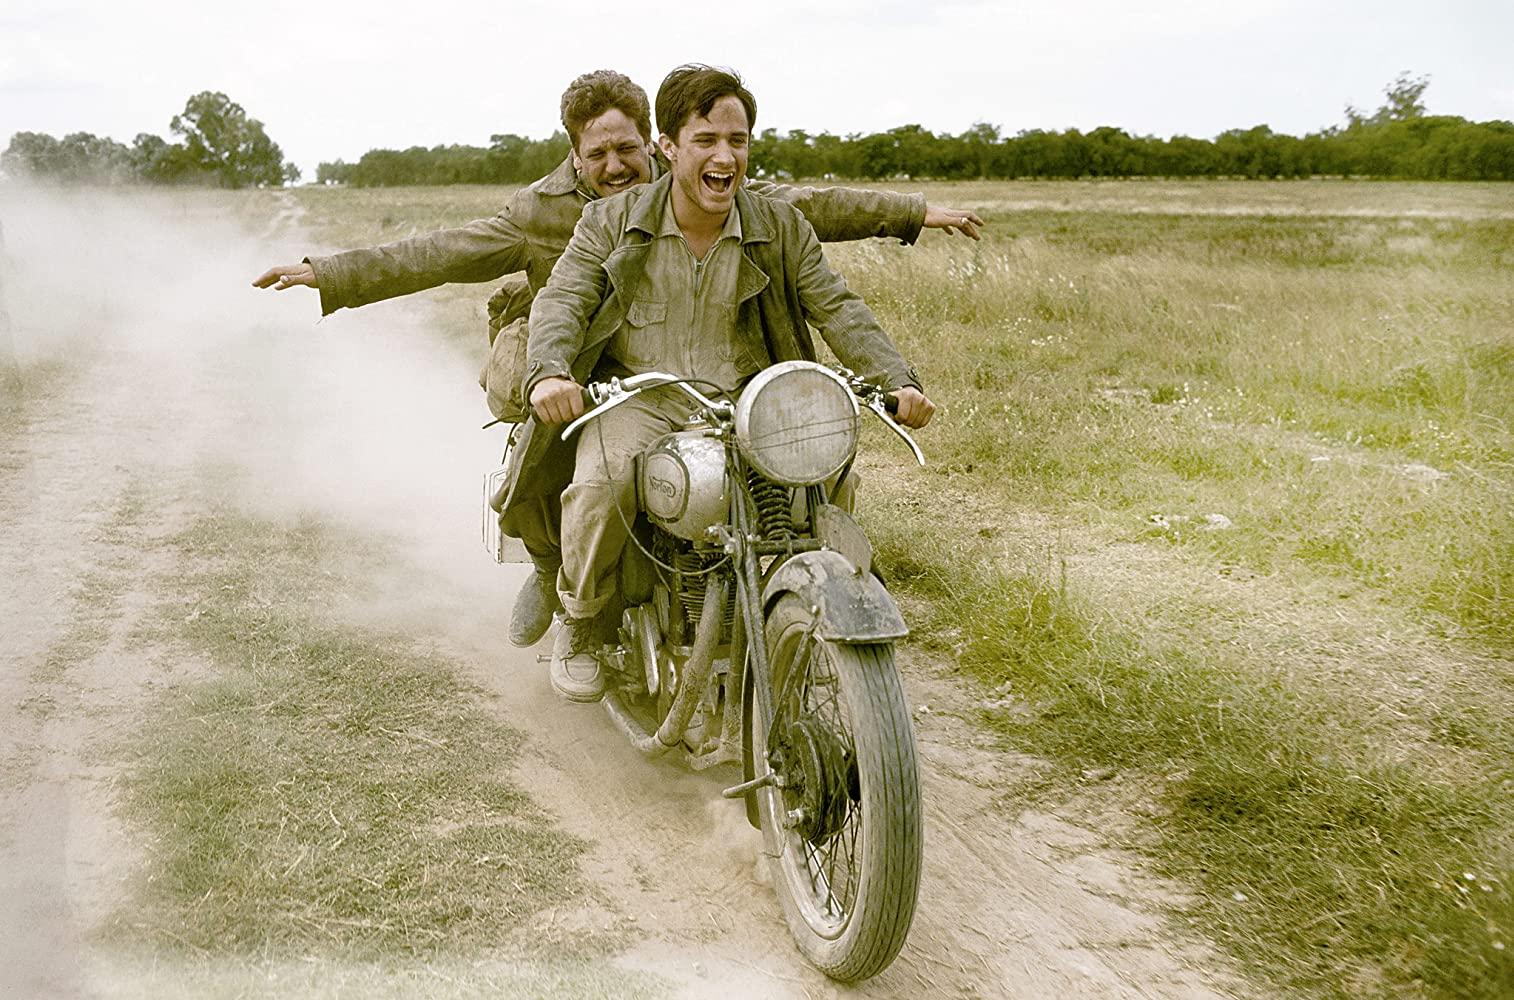 στιγμιότυπο από την ταινία The Motorcycles Diaries